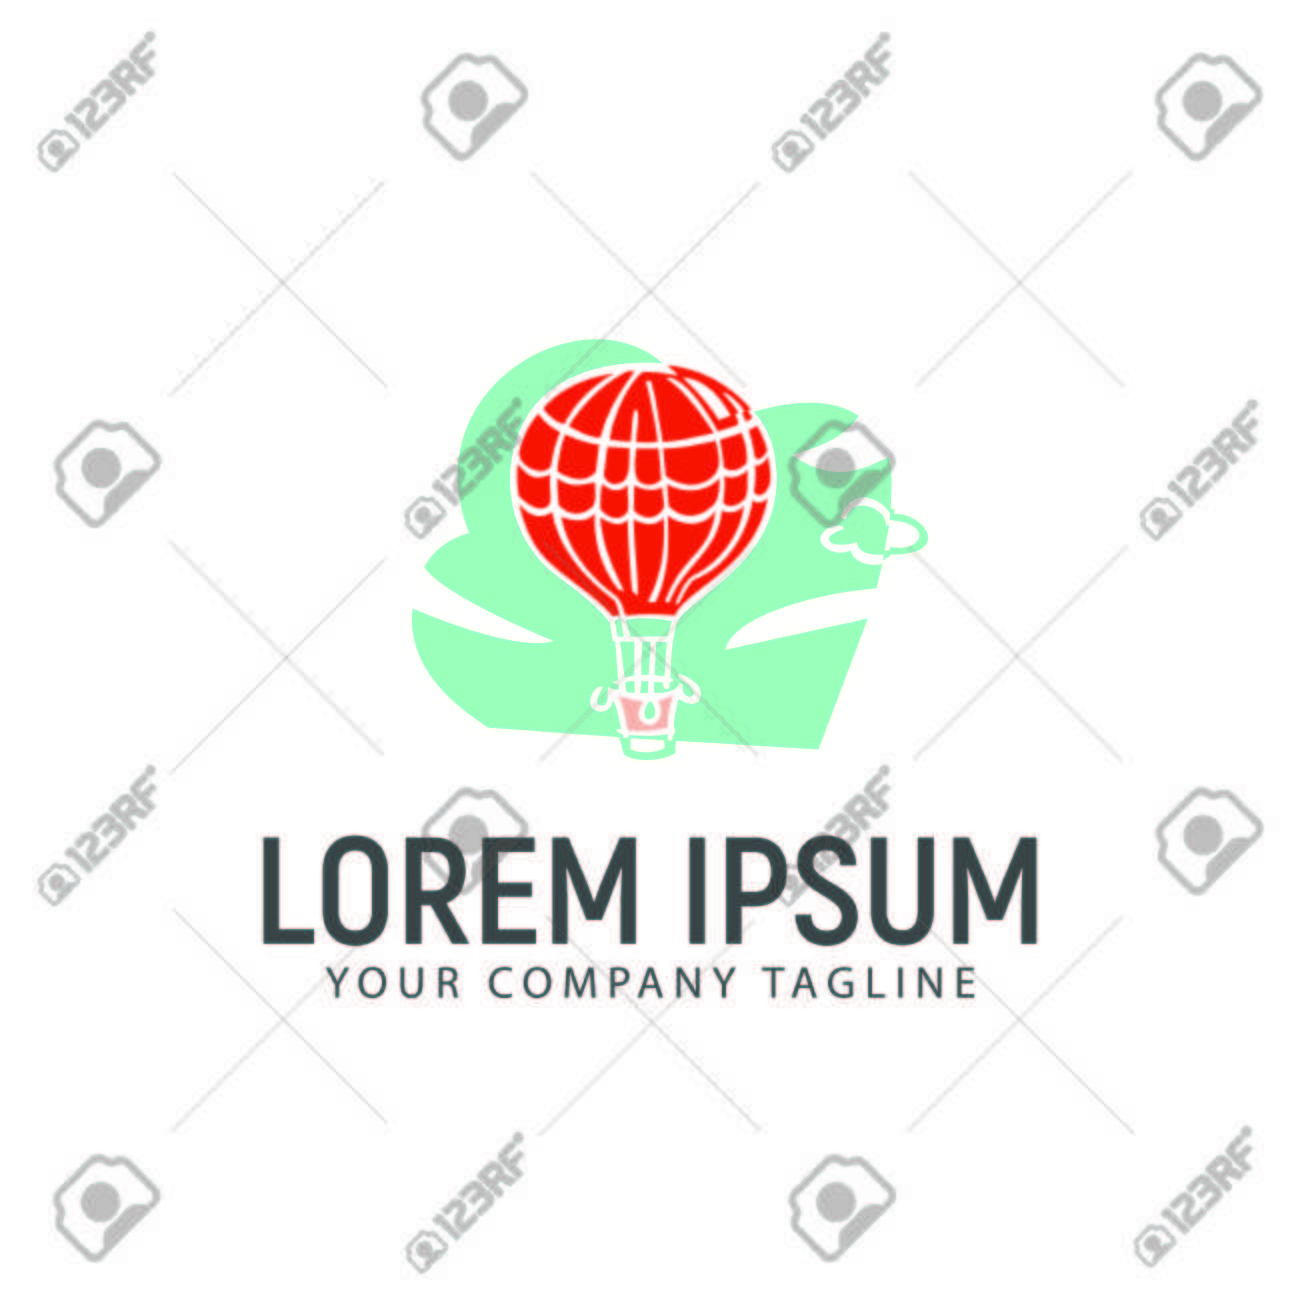 Heißluftballon-Logo-Design-Konzept-Vorlage Lizenzfrei Nutzbare ...